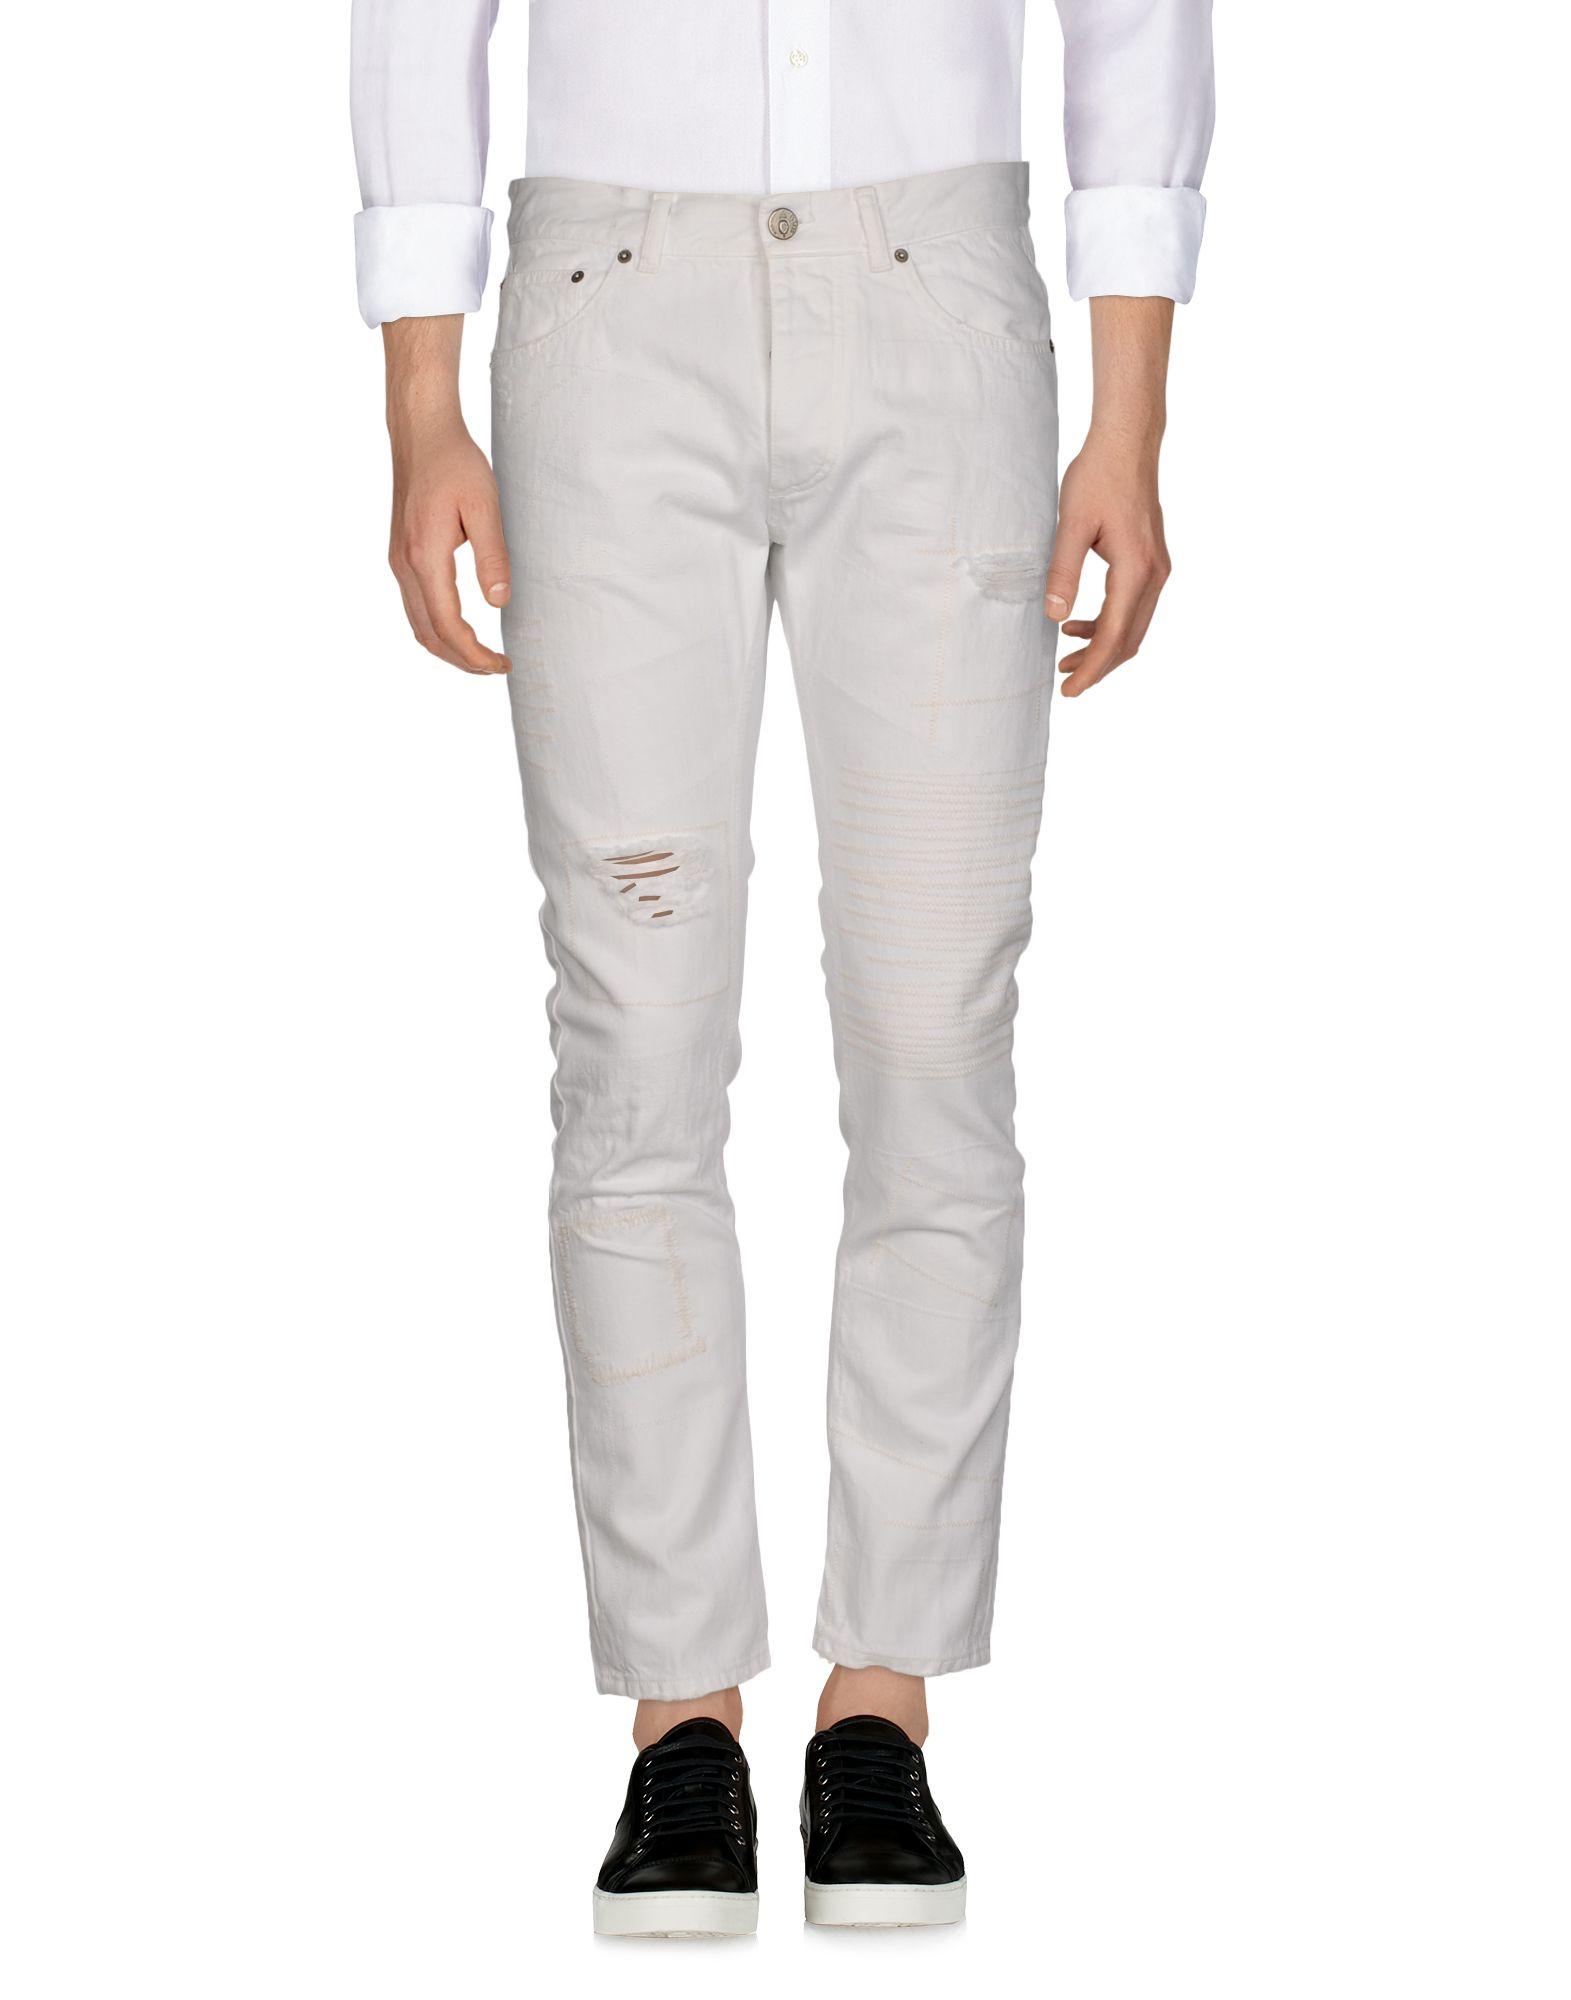 Pantaloni Jeans Pmds Premium Mood Mood Premium Denim Superior Uomo - 42677845BC 1649a2